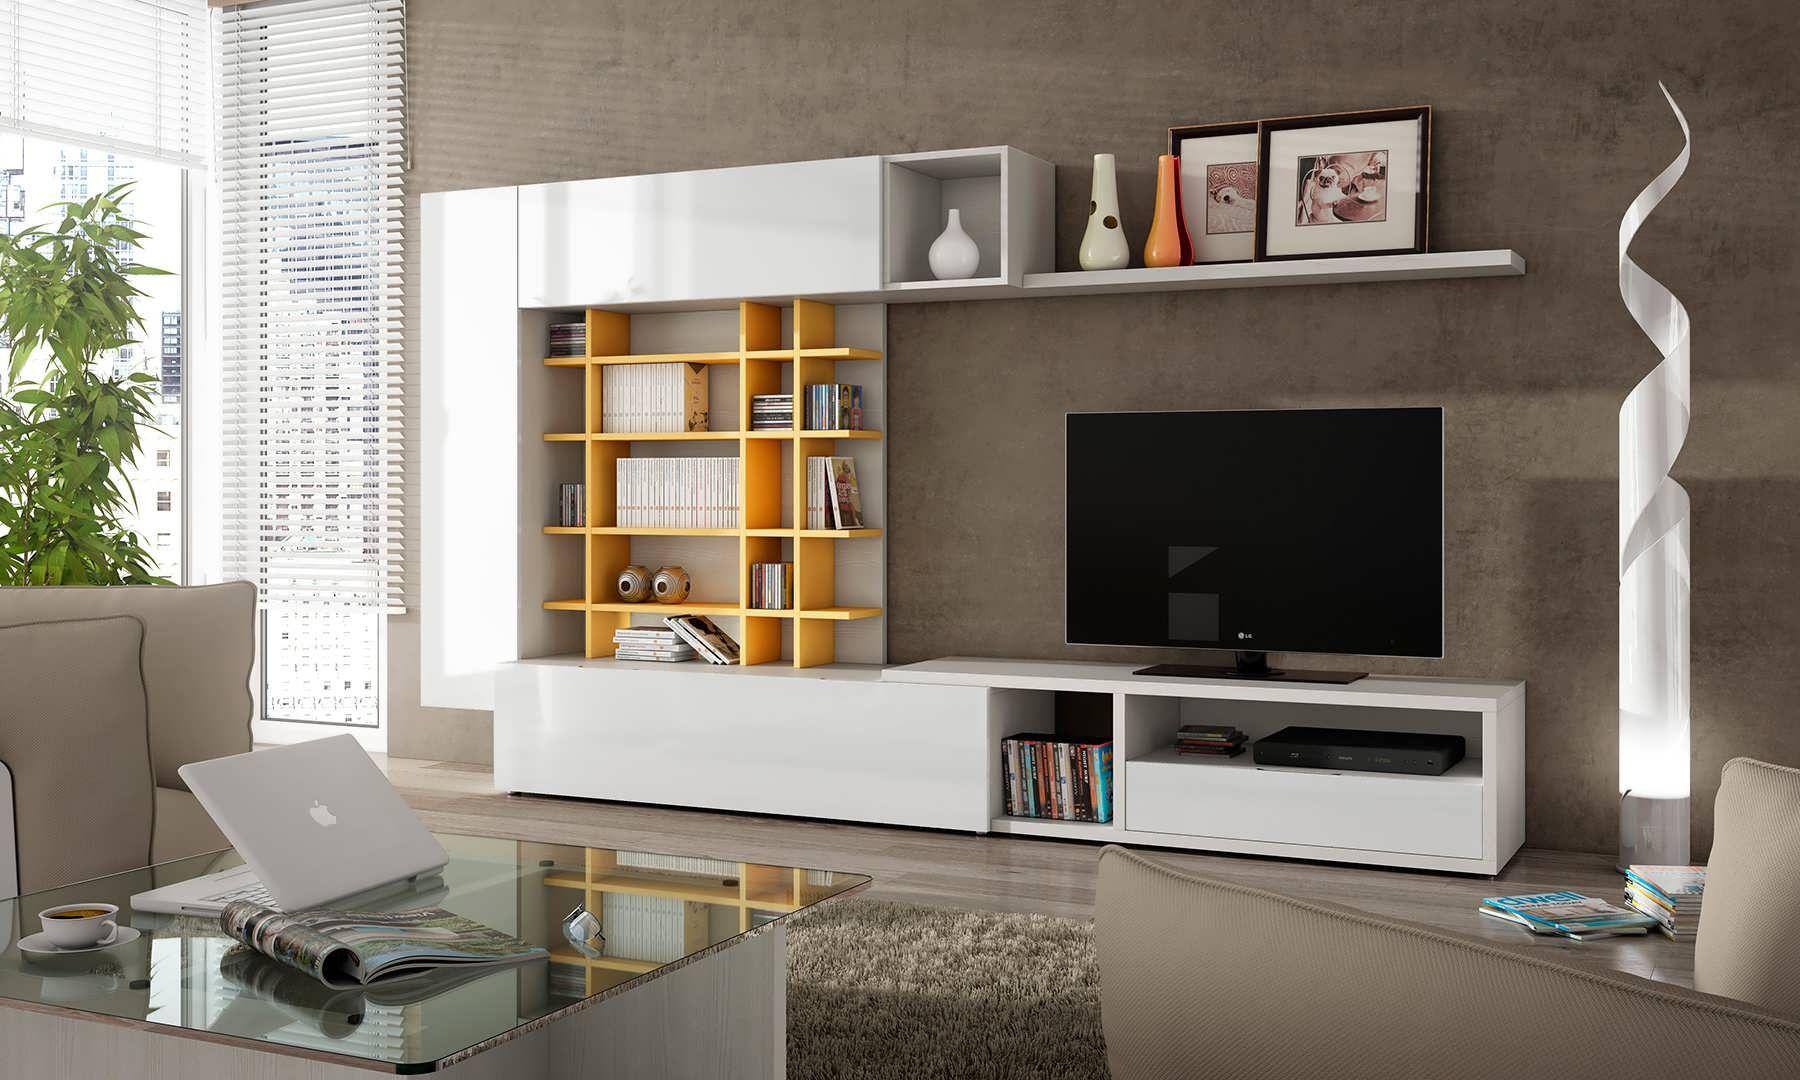 Muebles para salon baratos ikea y muebles salon modernos baratos 1800 1080 casa - Muebles modernos baratos ...